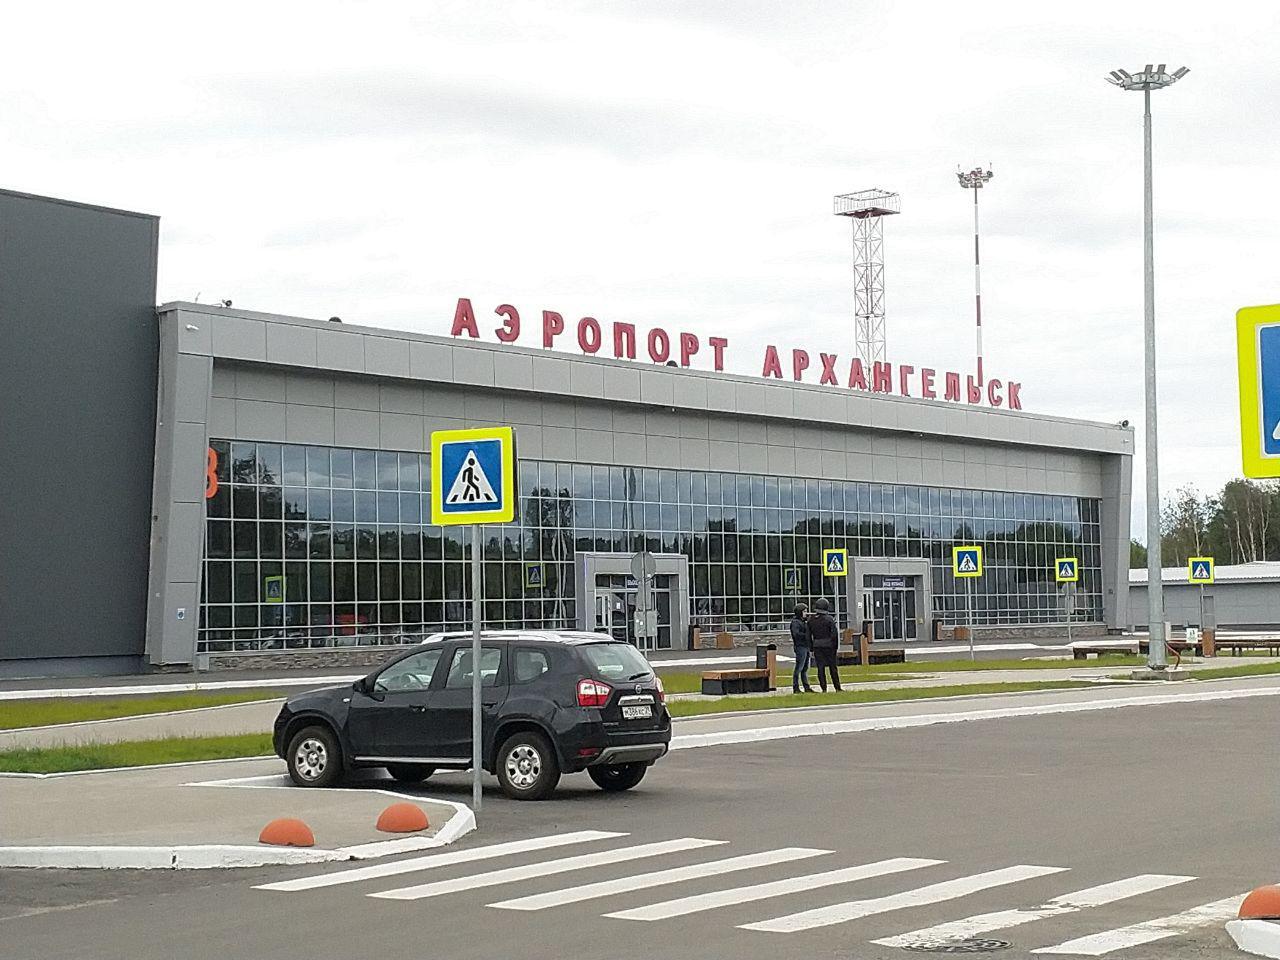 Аэропорт Архангельска блокирован спецслужбами из-за сообщения о бомбе